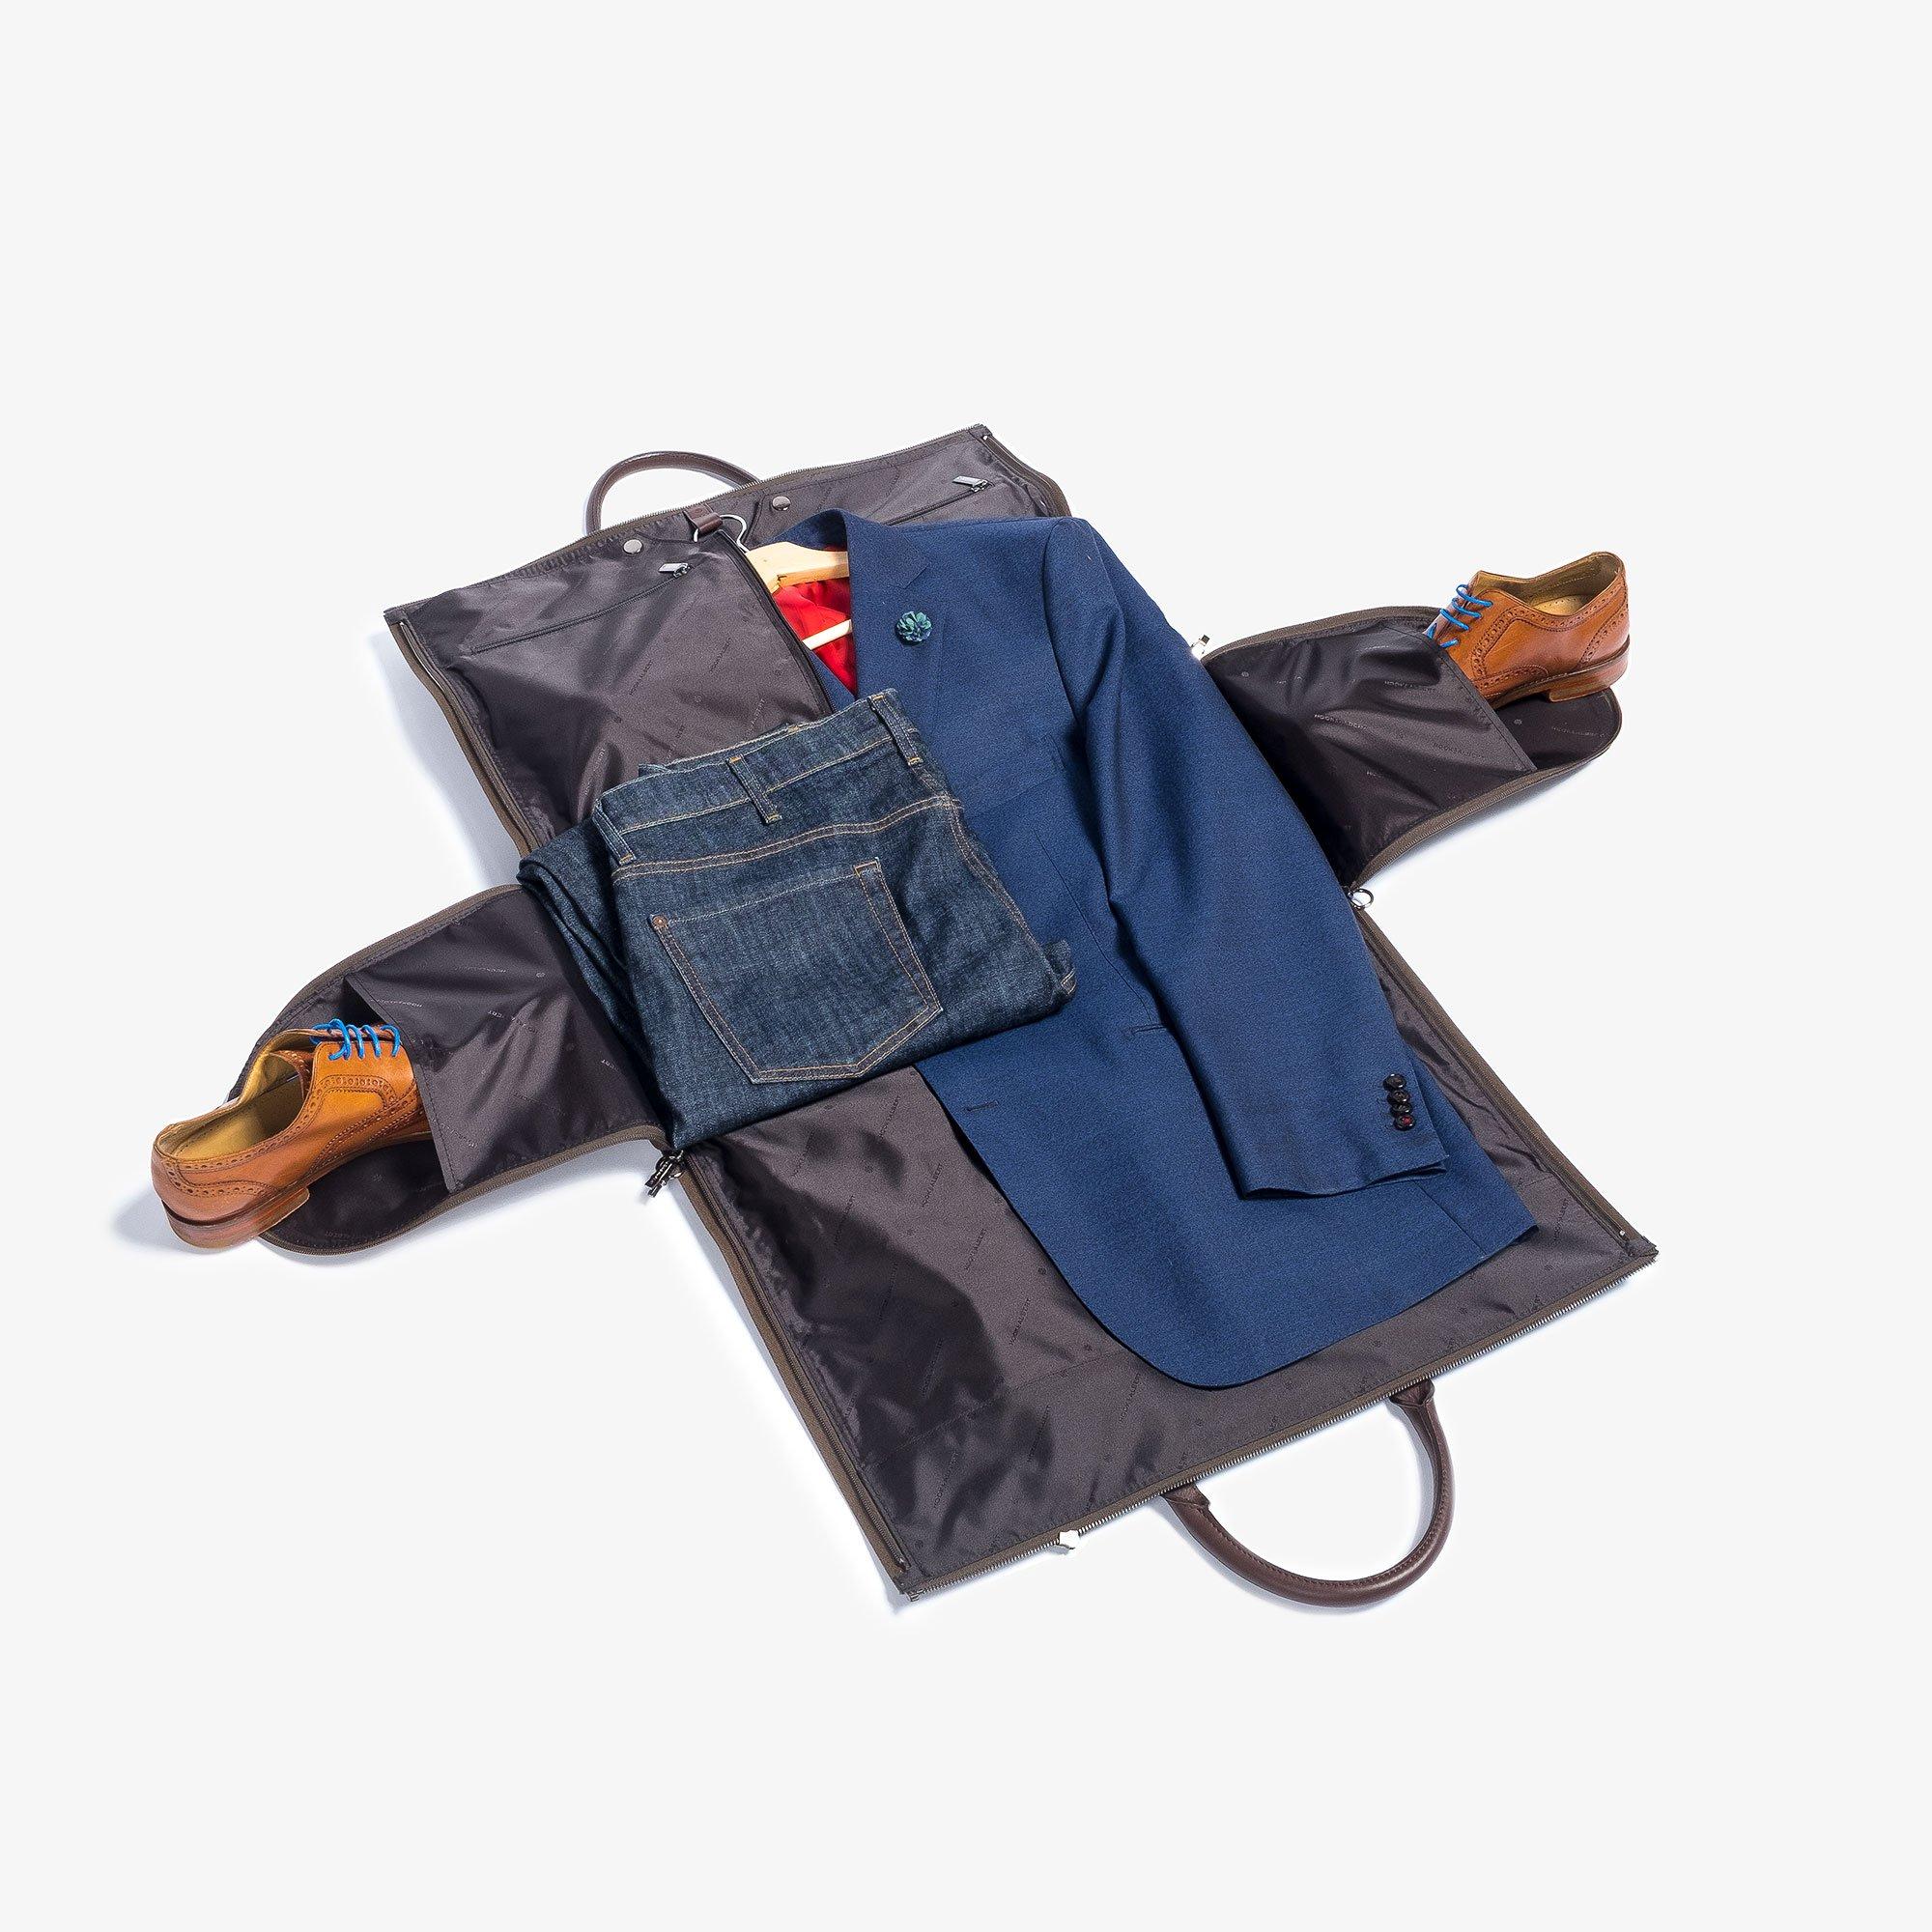 Hook & Albert Garment Weekender Bag (Olive) by HOOK & ALBERT (Image #4)